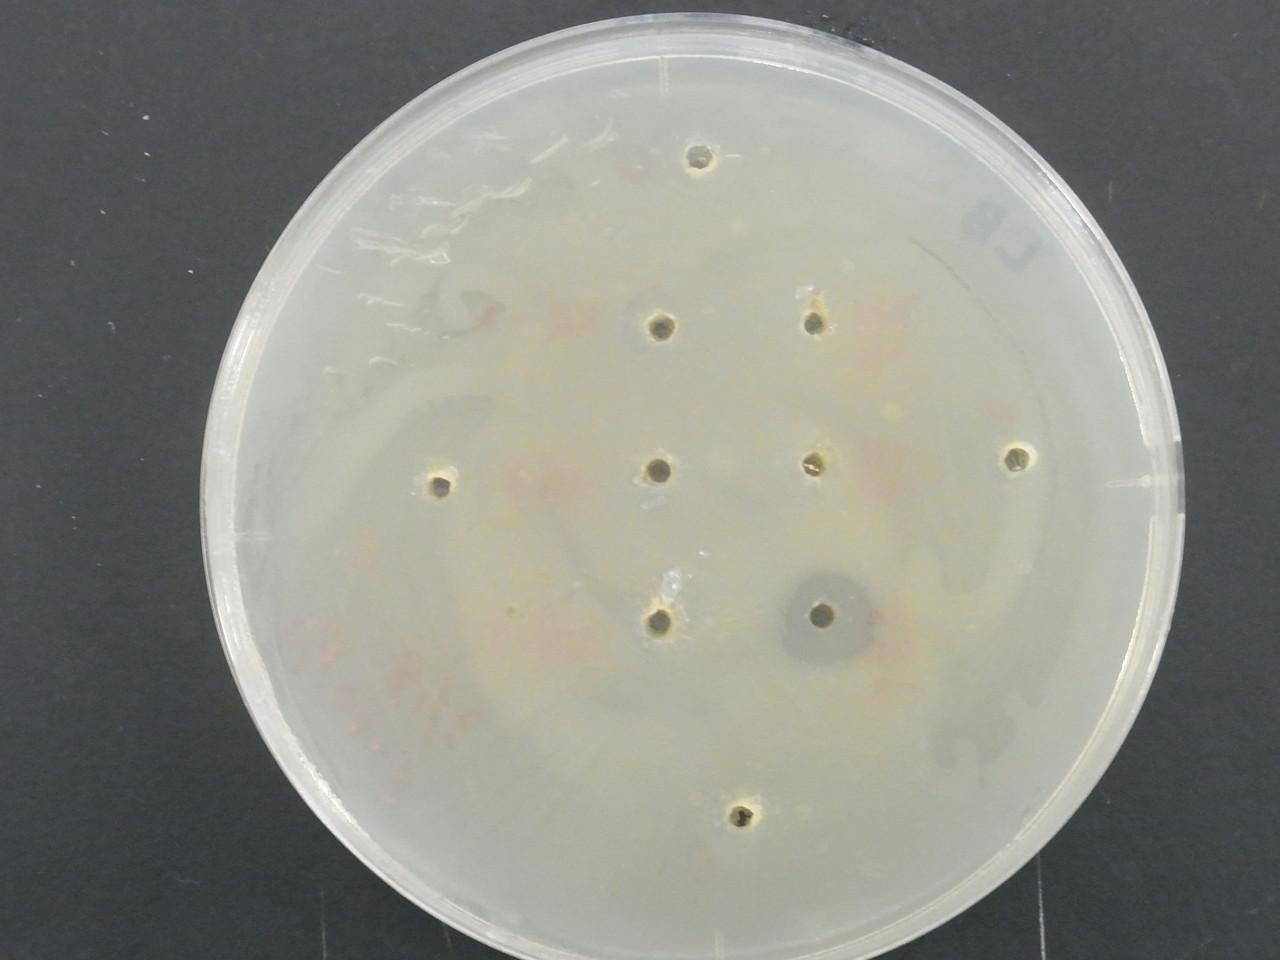 阻止円(周りに菌が生えていないことを示す透明な領域)の形成と抗生物質の検出(右下)